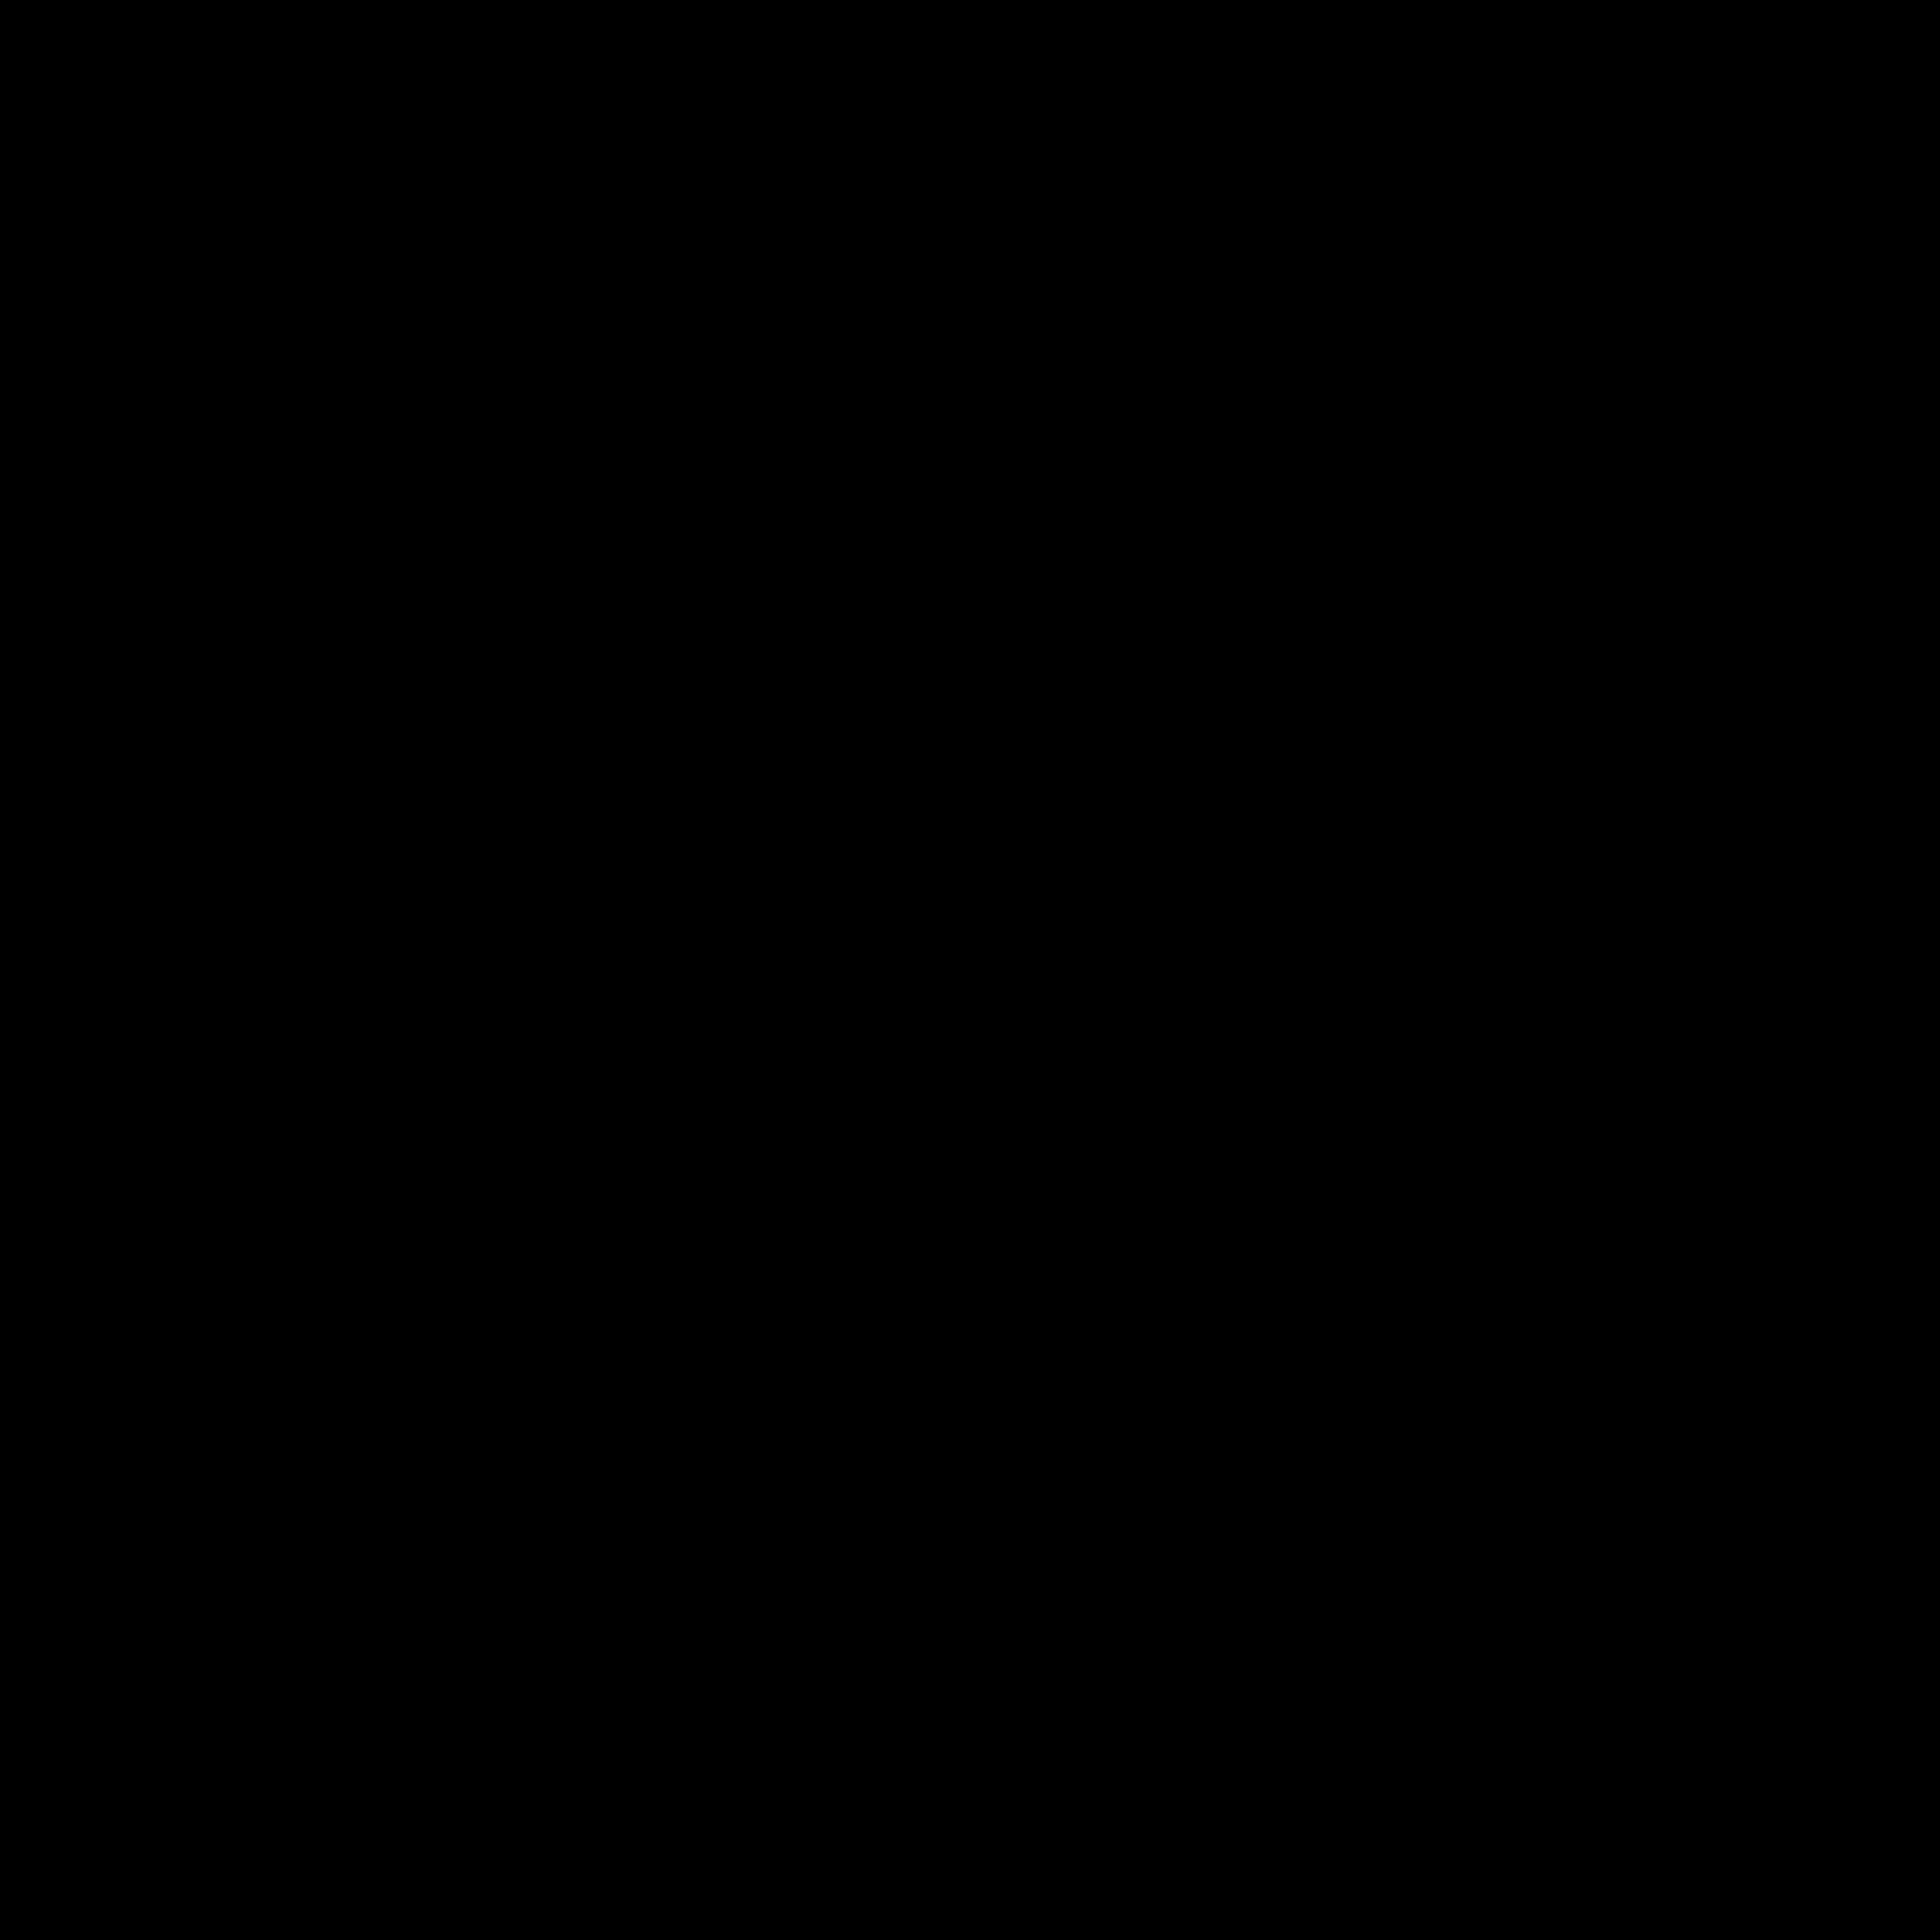 renault logo 0 1 - Renault Logo